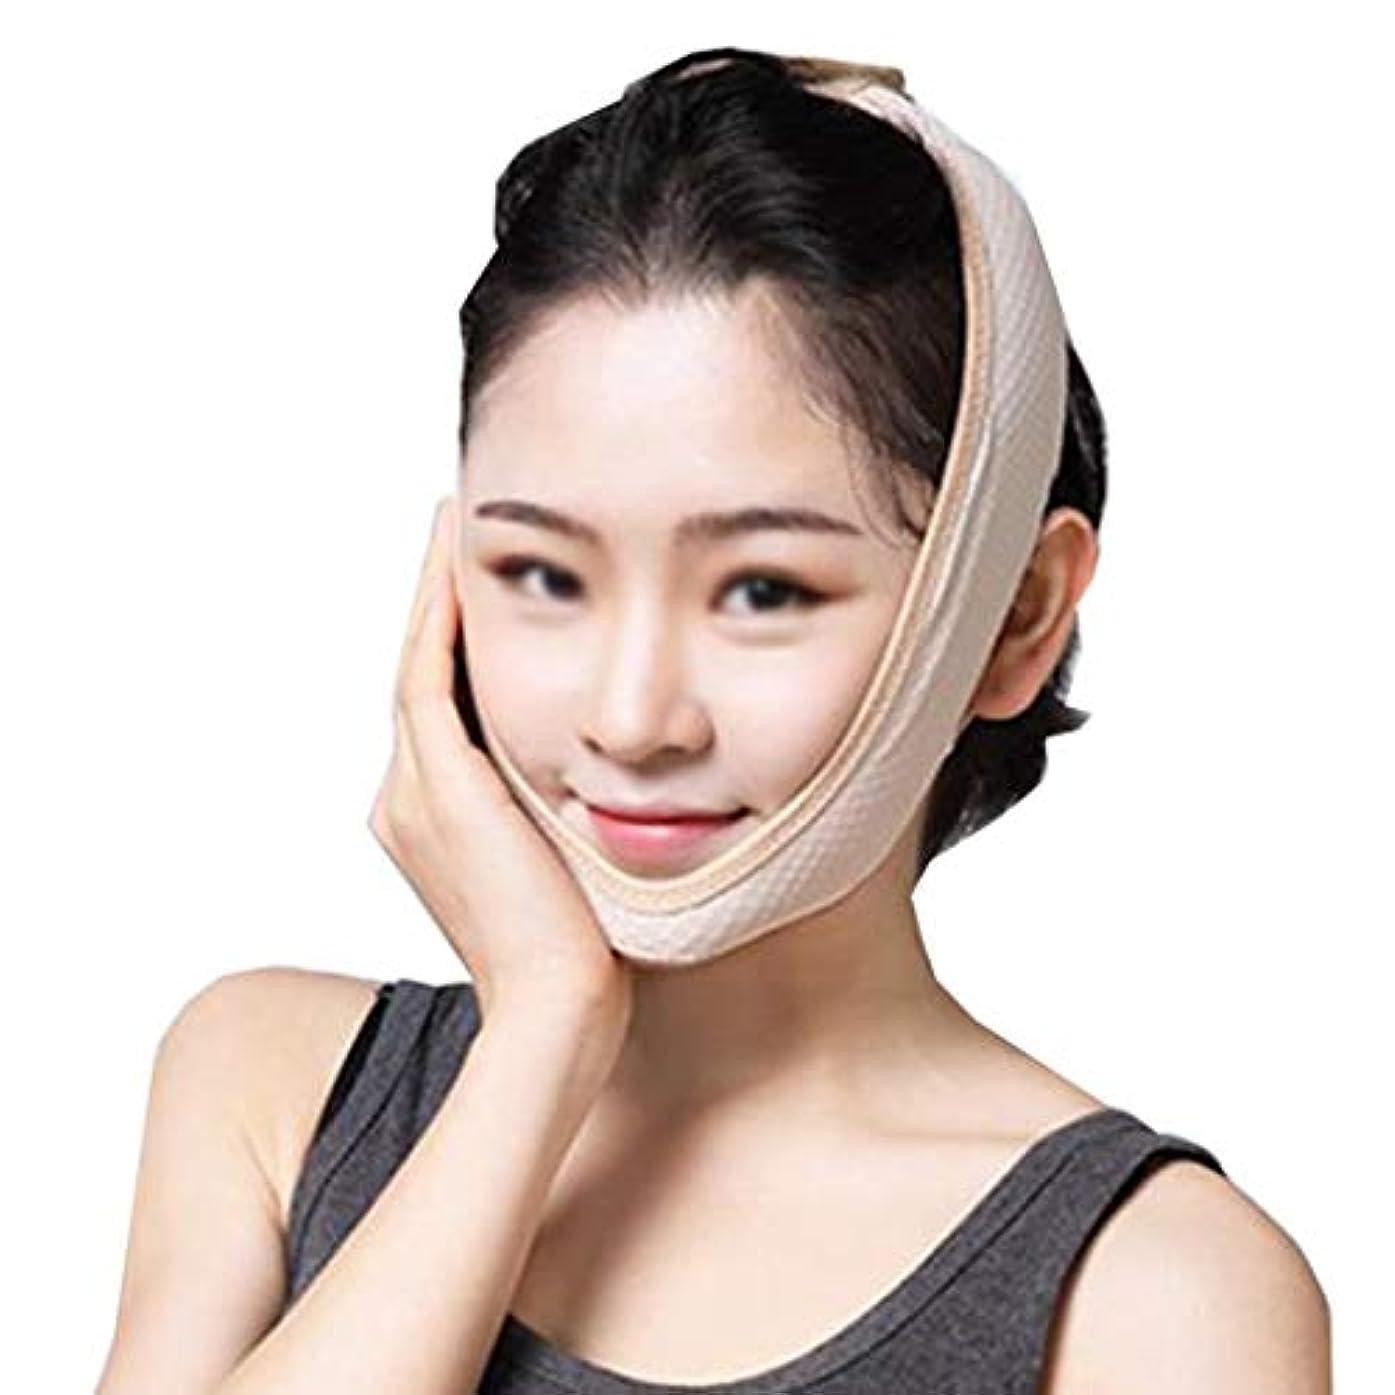 クリップデンプシー連鎖ZWBD フェイスマスク, 薄い顔アーティファクト小さなV字型顔引き締めリフティングフェイスリフト薄いダブルチン男性と女性の包帯マスク滴下ビーズマスク